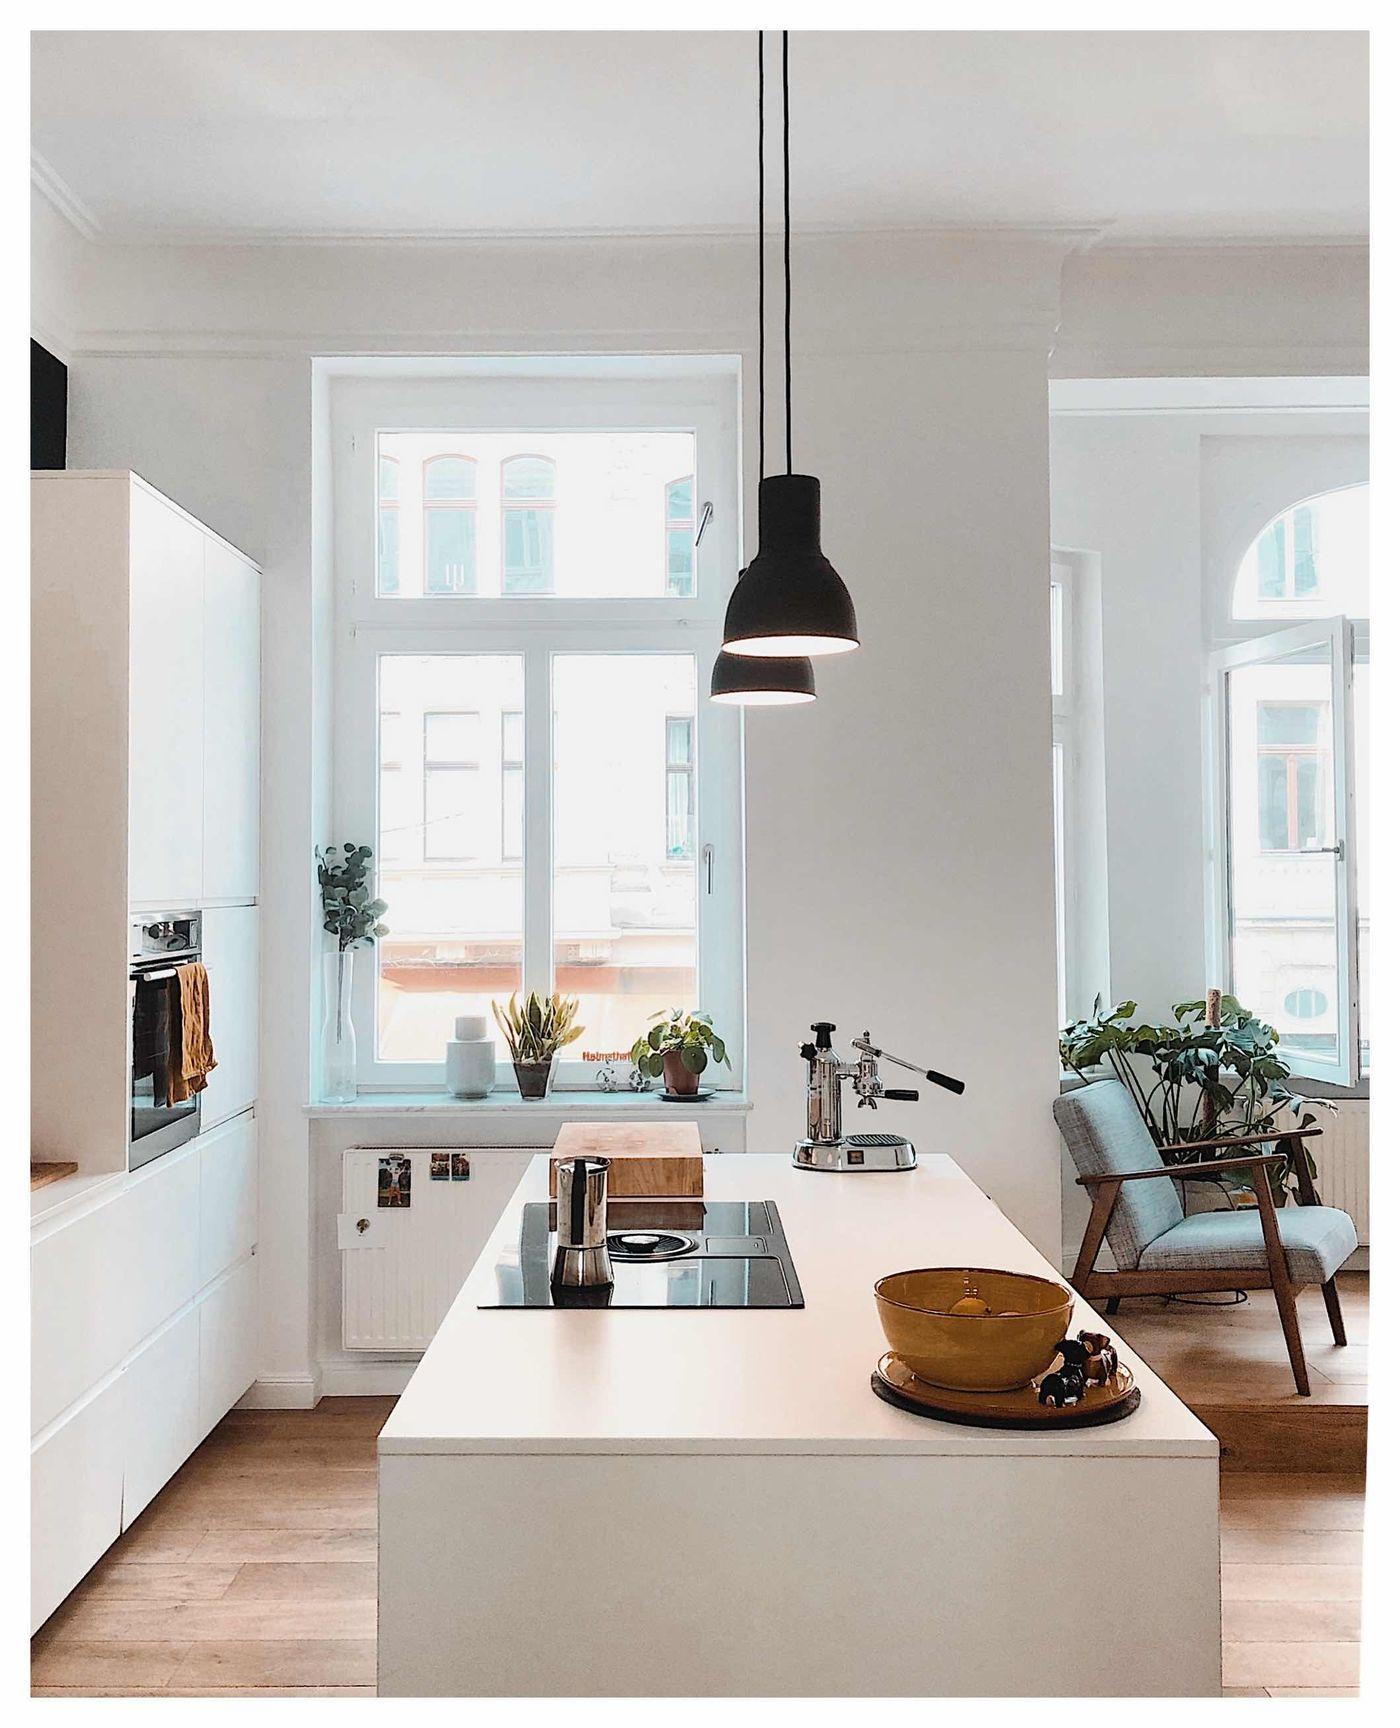 Full Size of Lampe über Kochinsel Deckenlampen Wohnzimmer Modern Sofa überzug Schlafzimmer Wandlampe Deckenlampe Esstisch Mit überbau Betten Für übergewichtige Wohnzimmer Lampe über Kochinsel